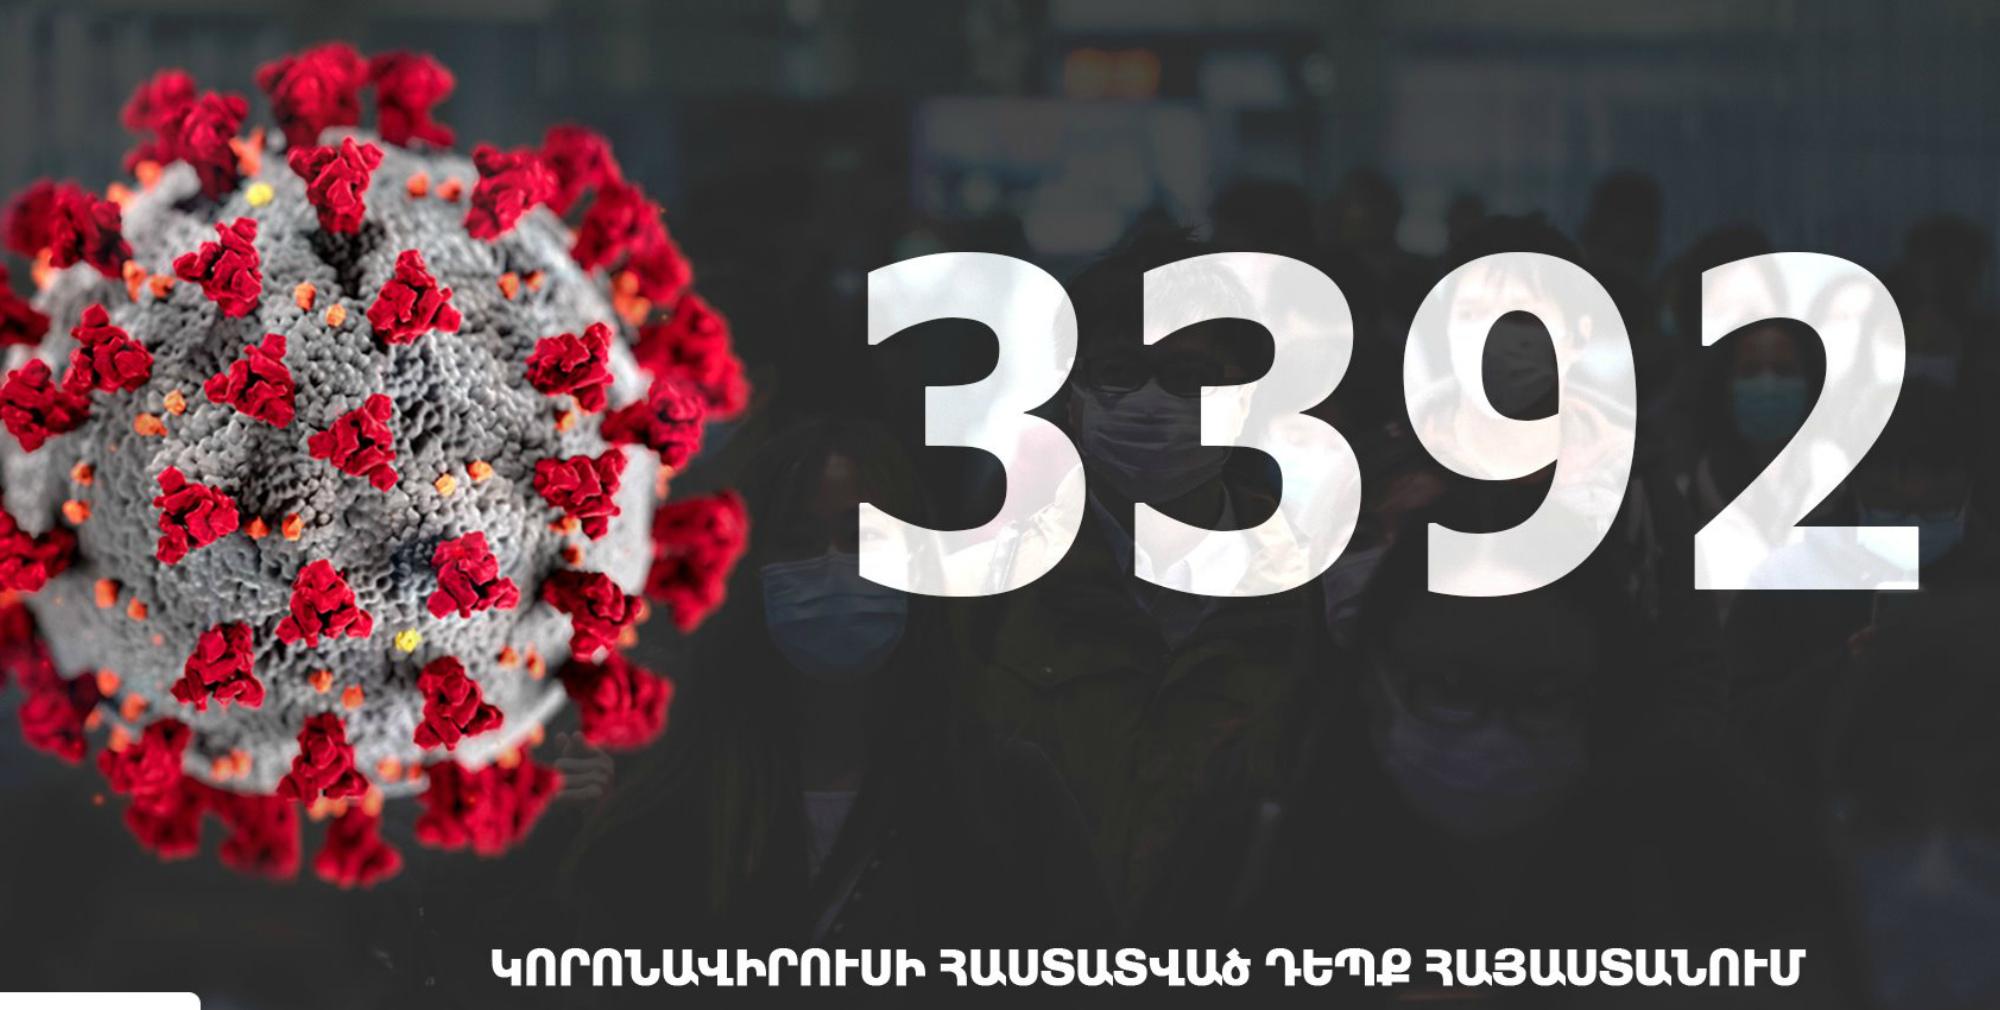 Հայաստանում կորոնավիրուսով վարակվածների թիվը հասավ 3392-ի